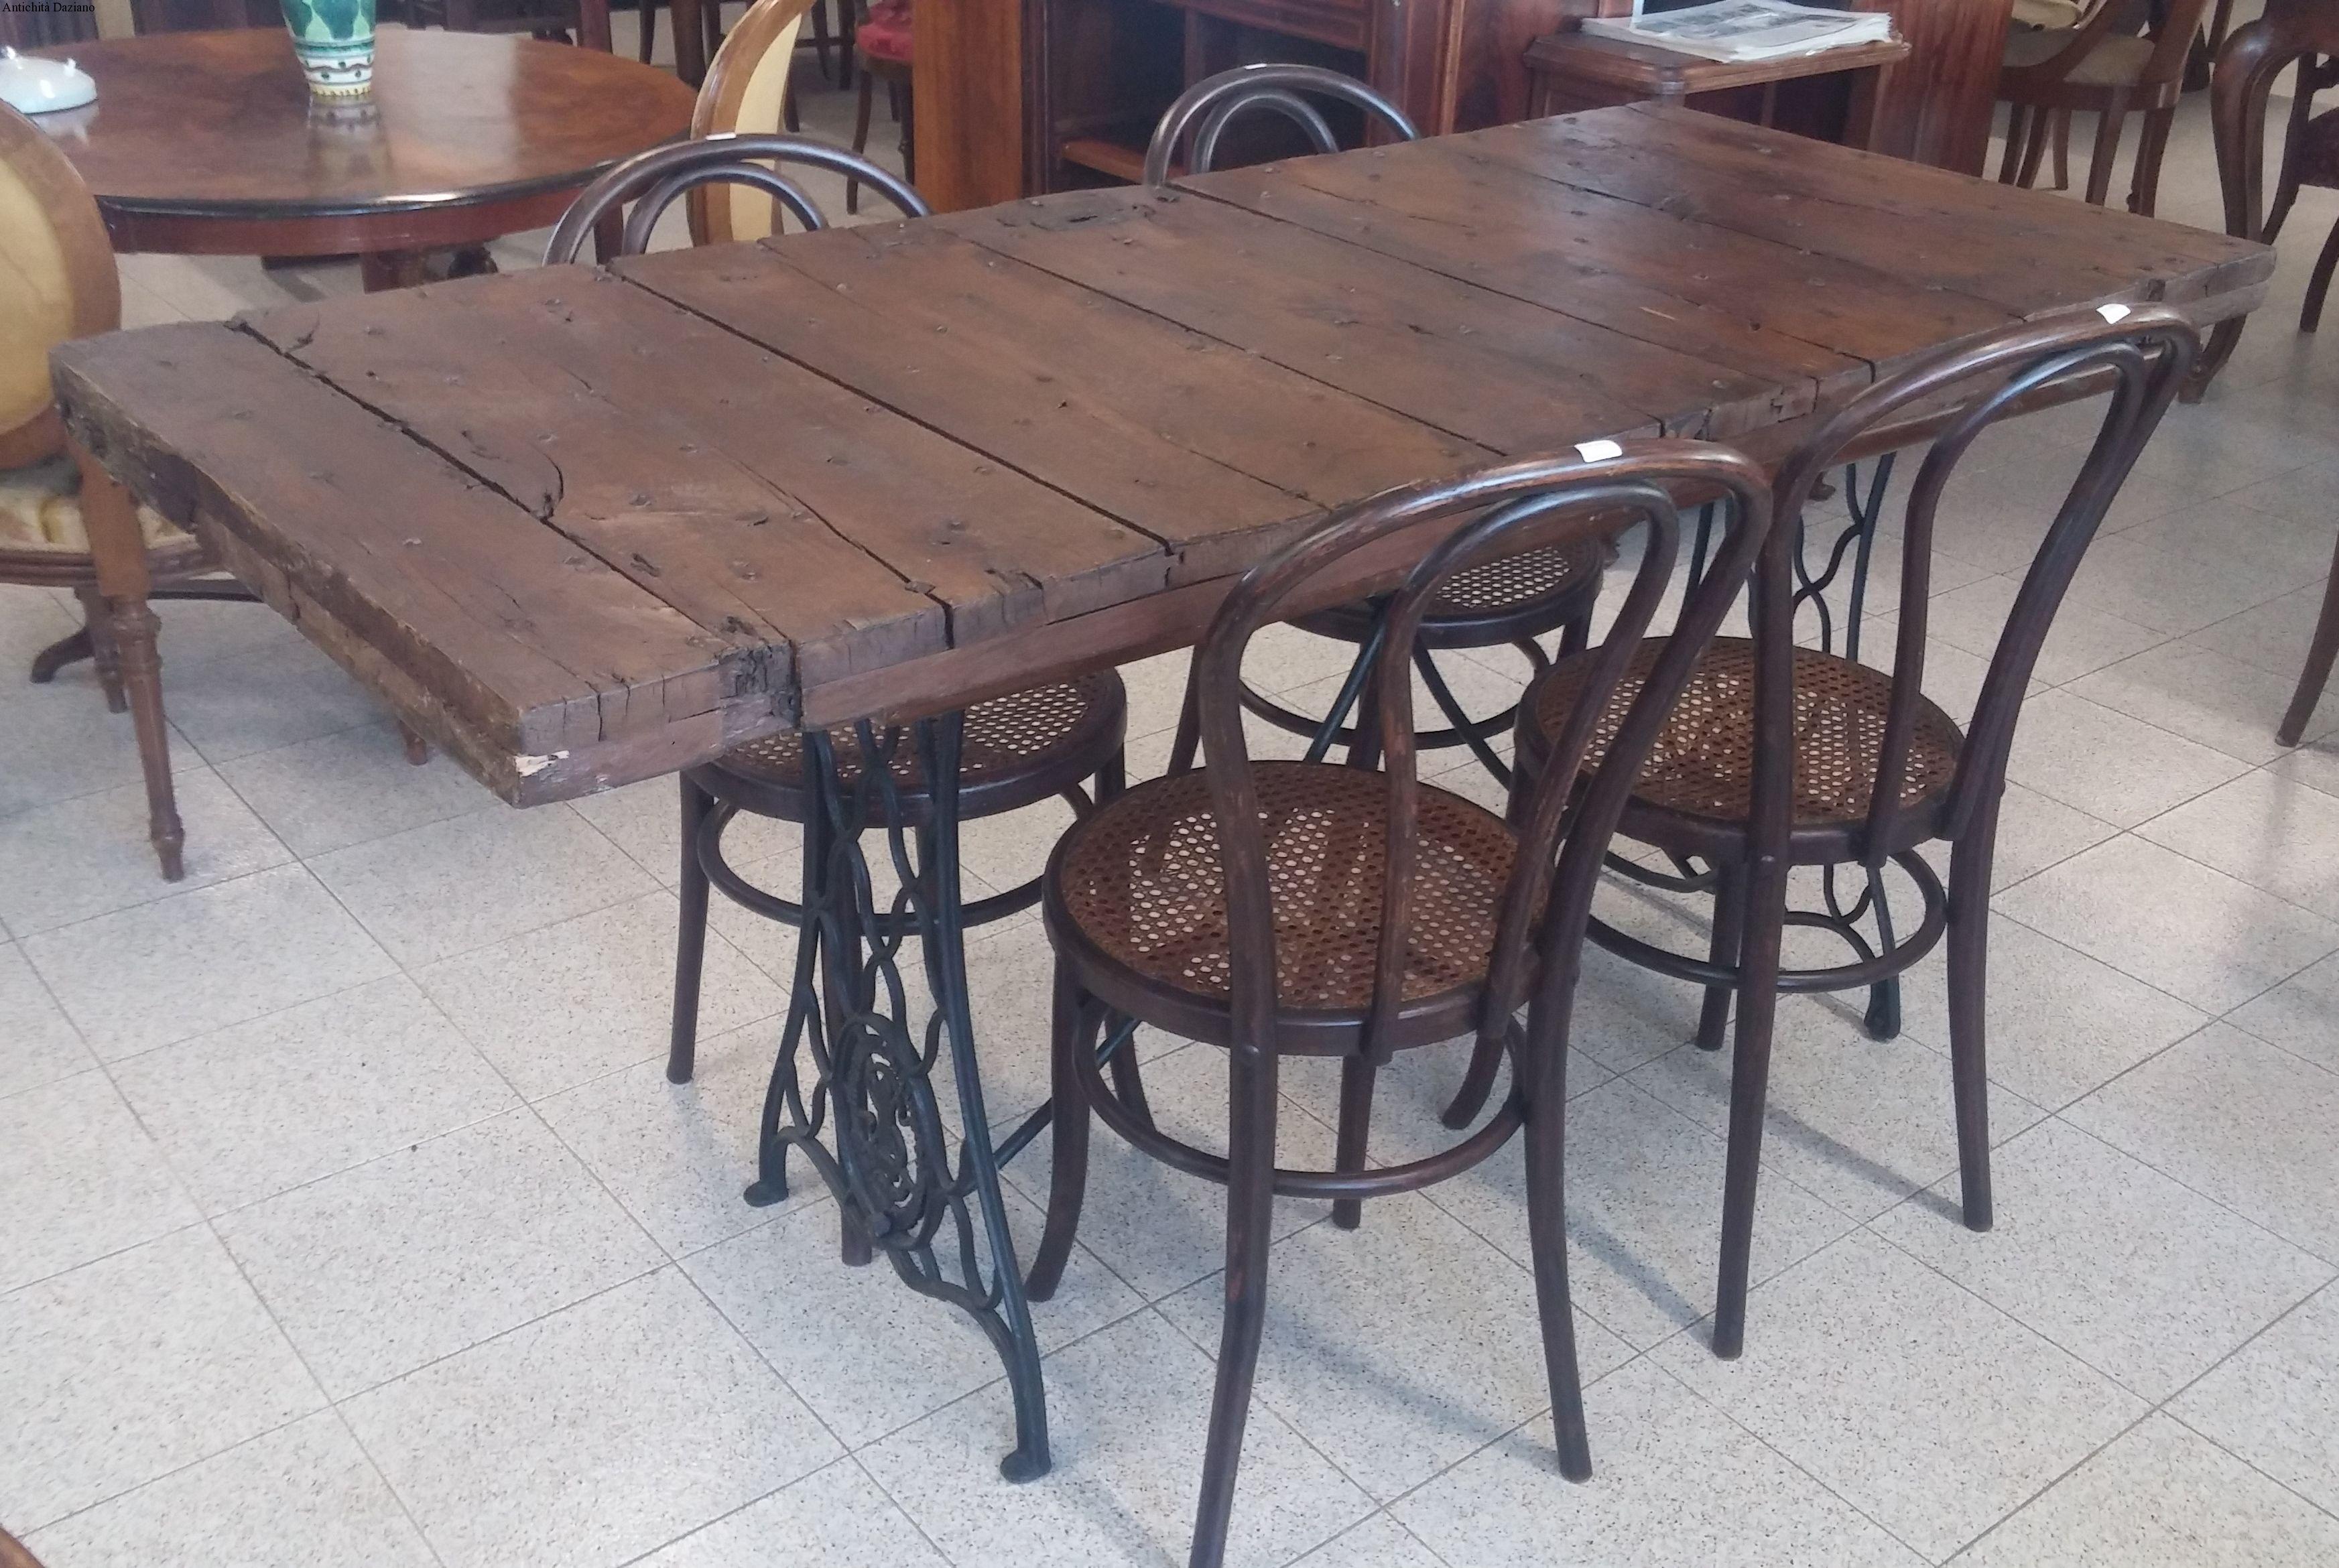 Tavoli Con Legno Di Recupero : Tavolo in legno da recupero antichità daziano